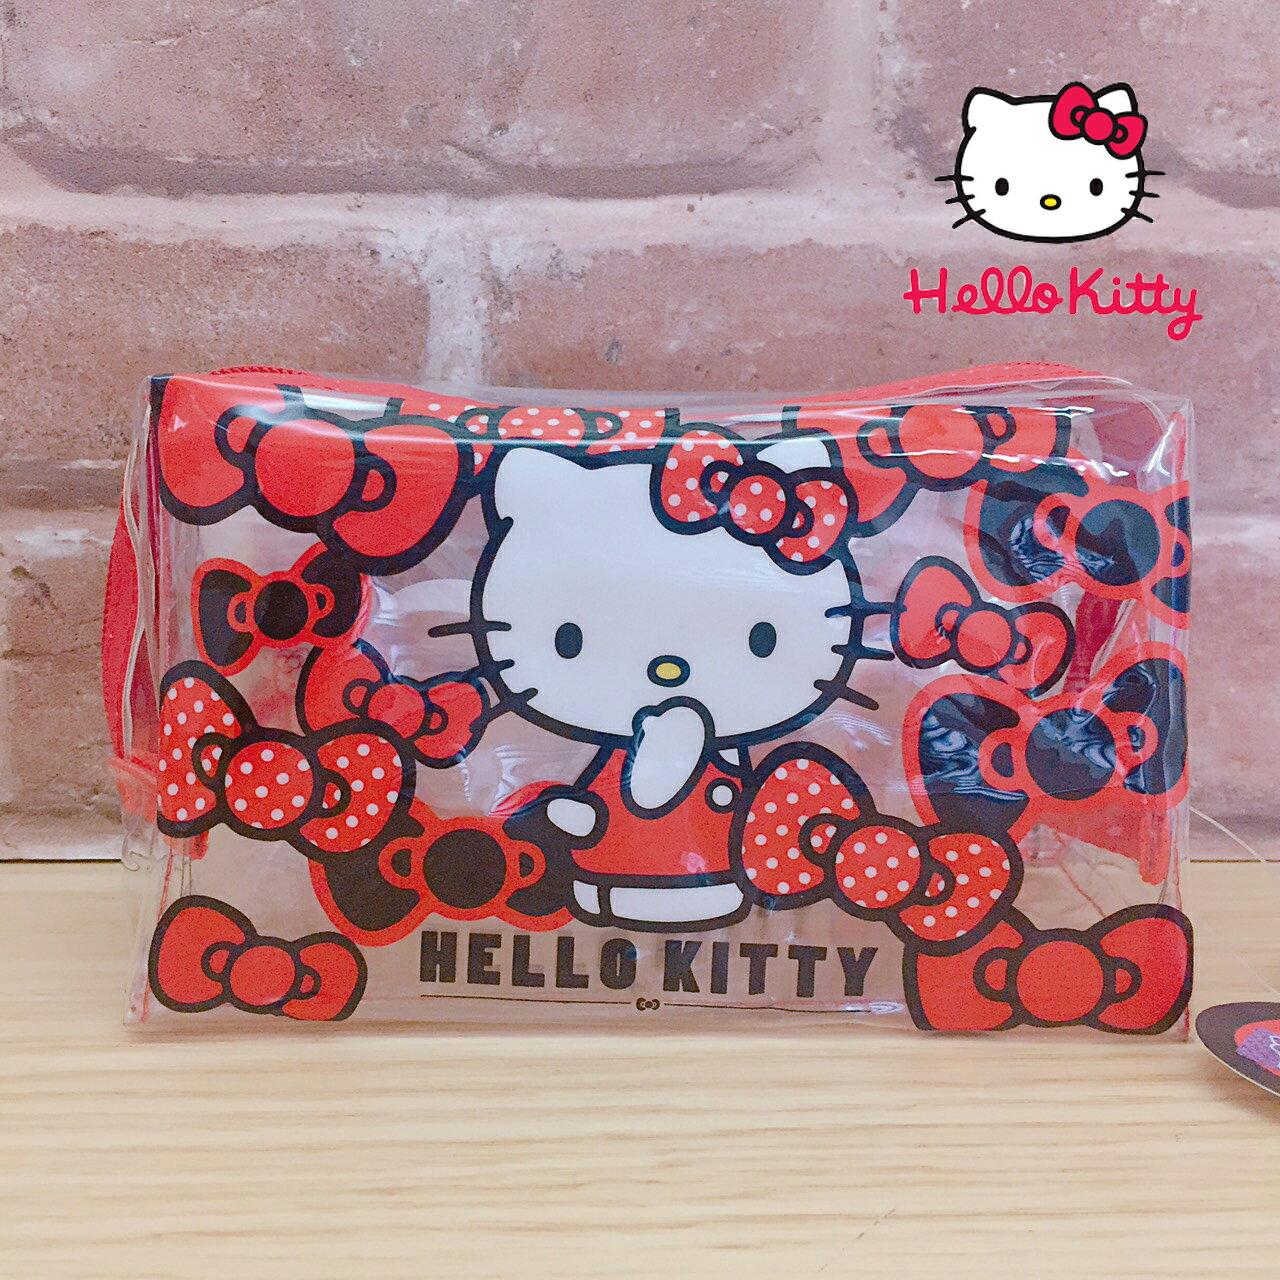 【真愛日本】17071400026 防水旅行化妝包組-KT蝴蝶結紅 三麗鷗 化妝包 收納包